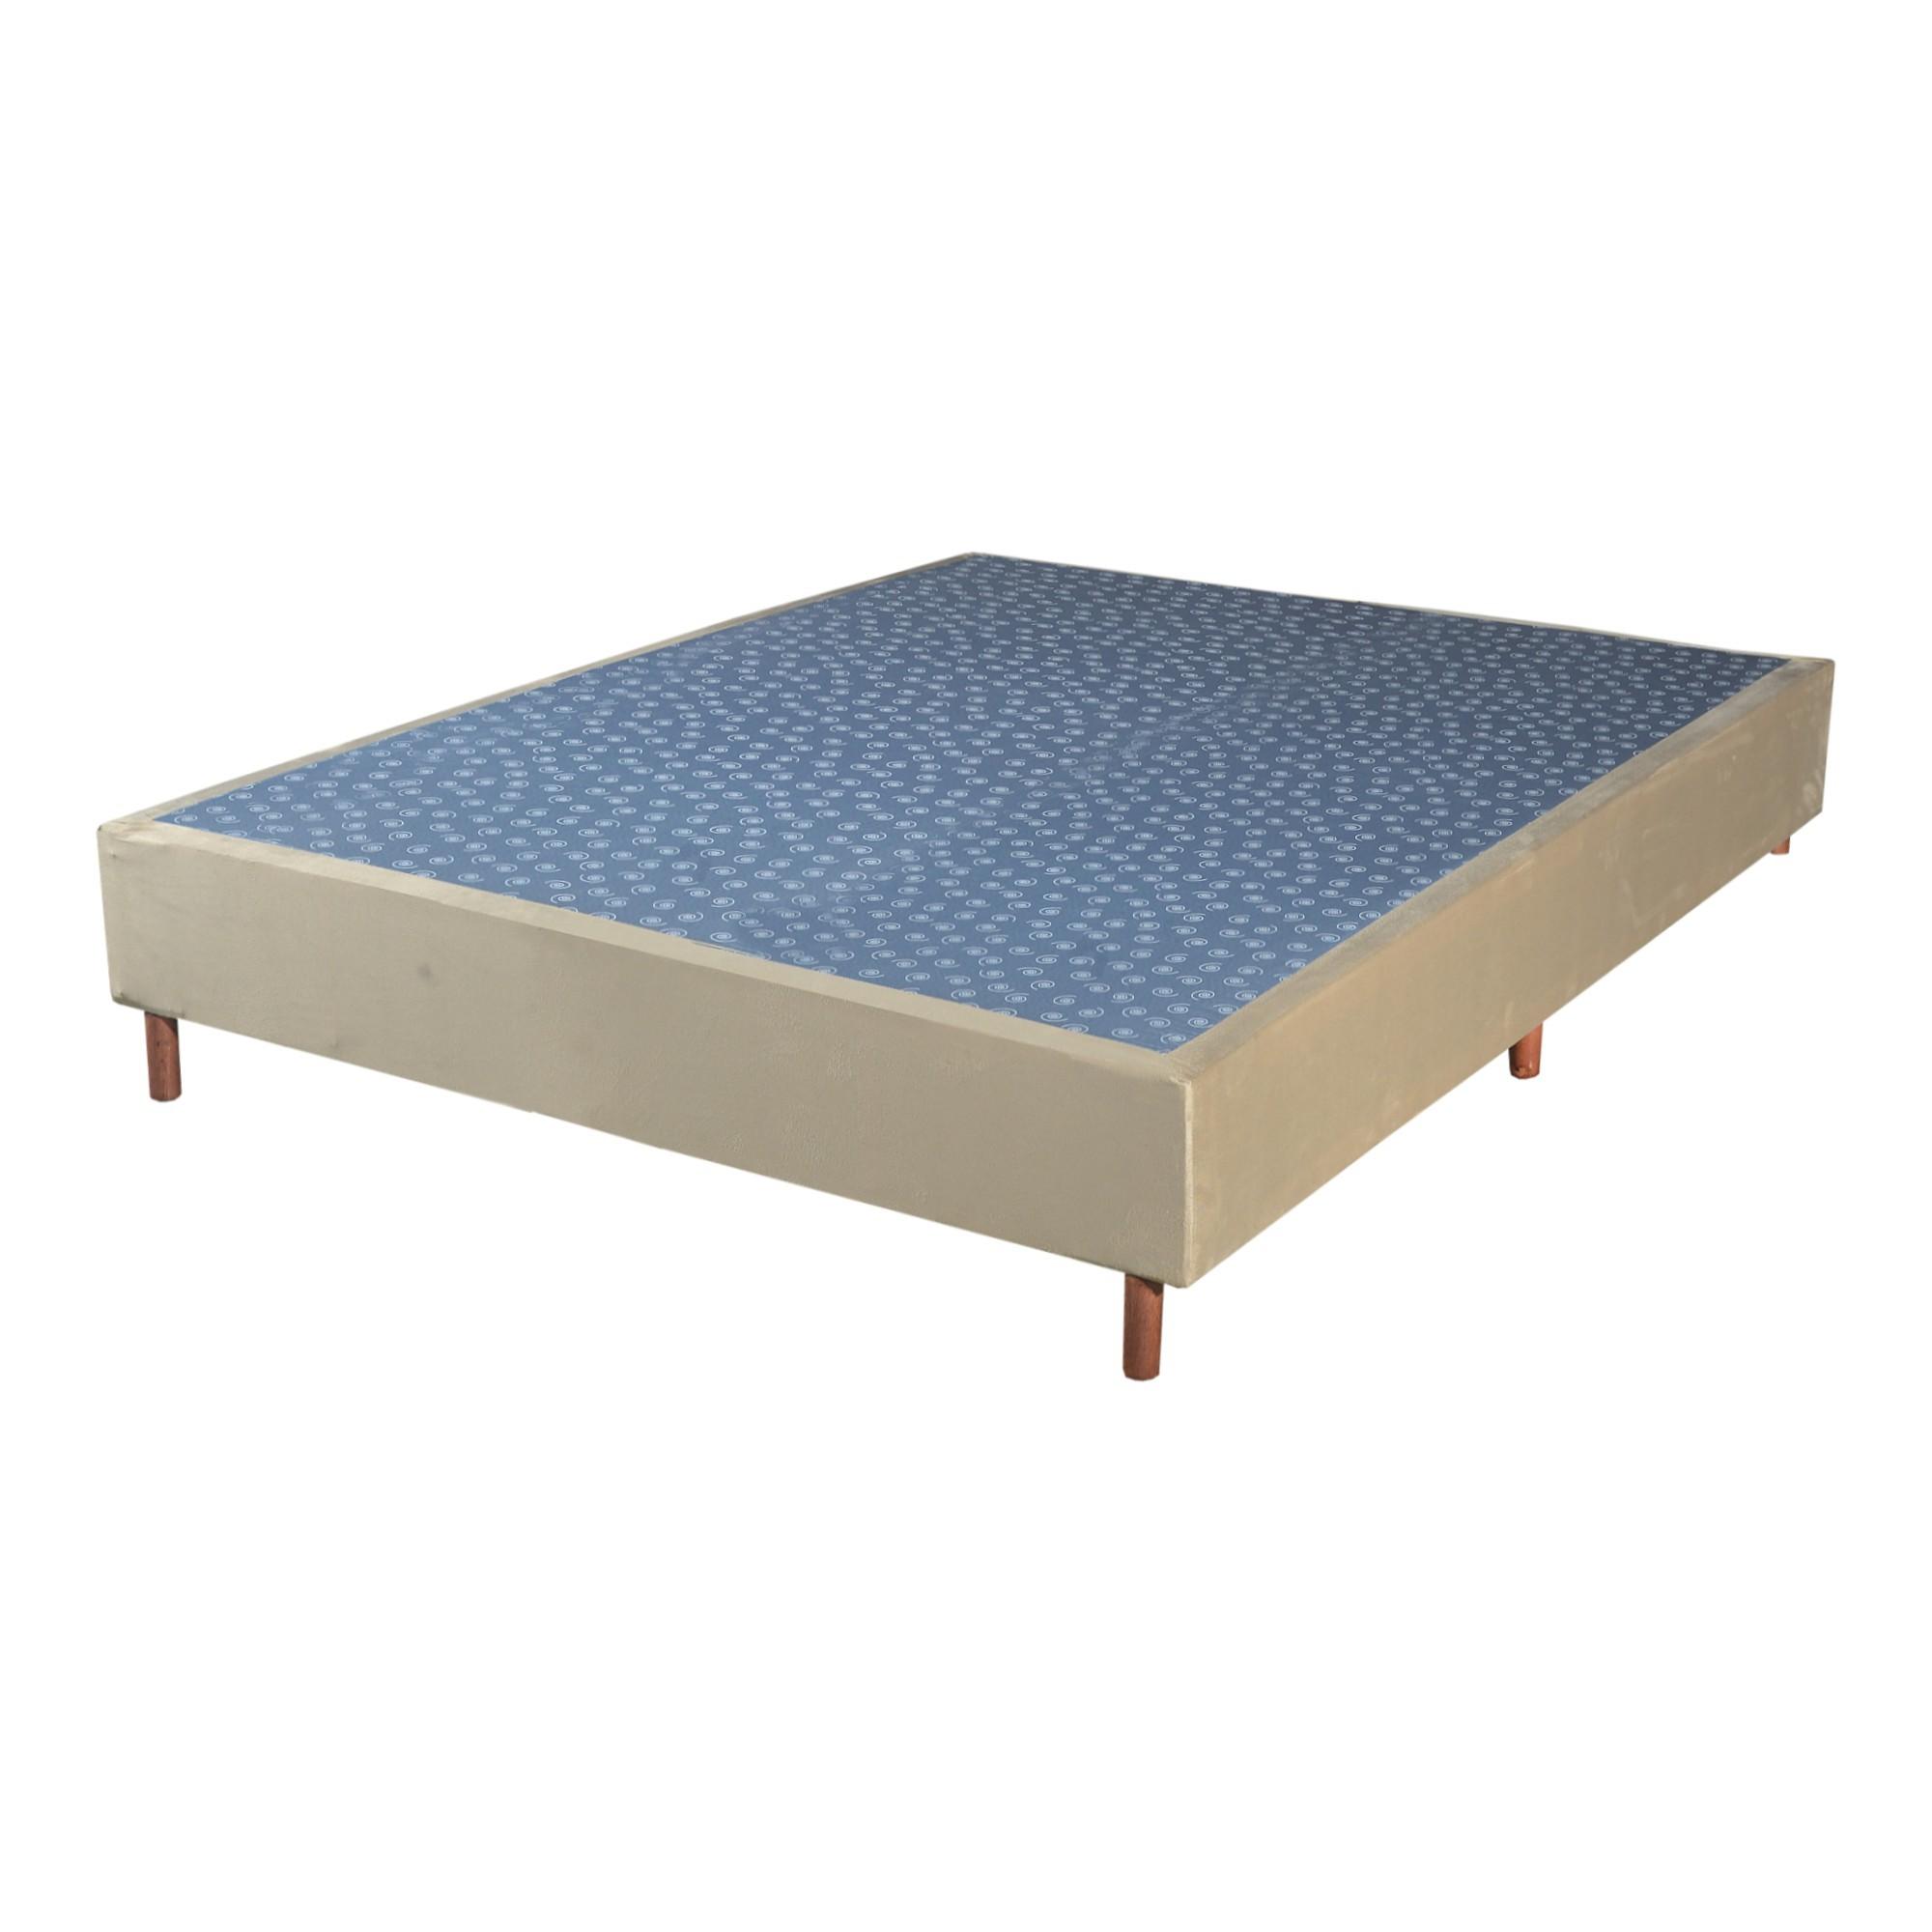 Cama Box Base Casal Veludo Bege 138x188x30